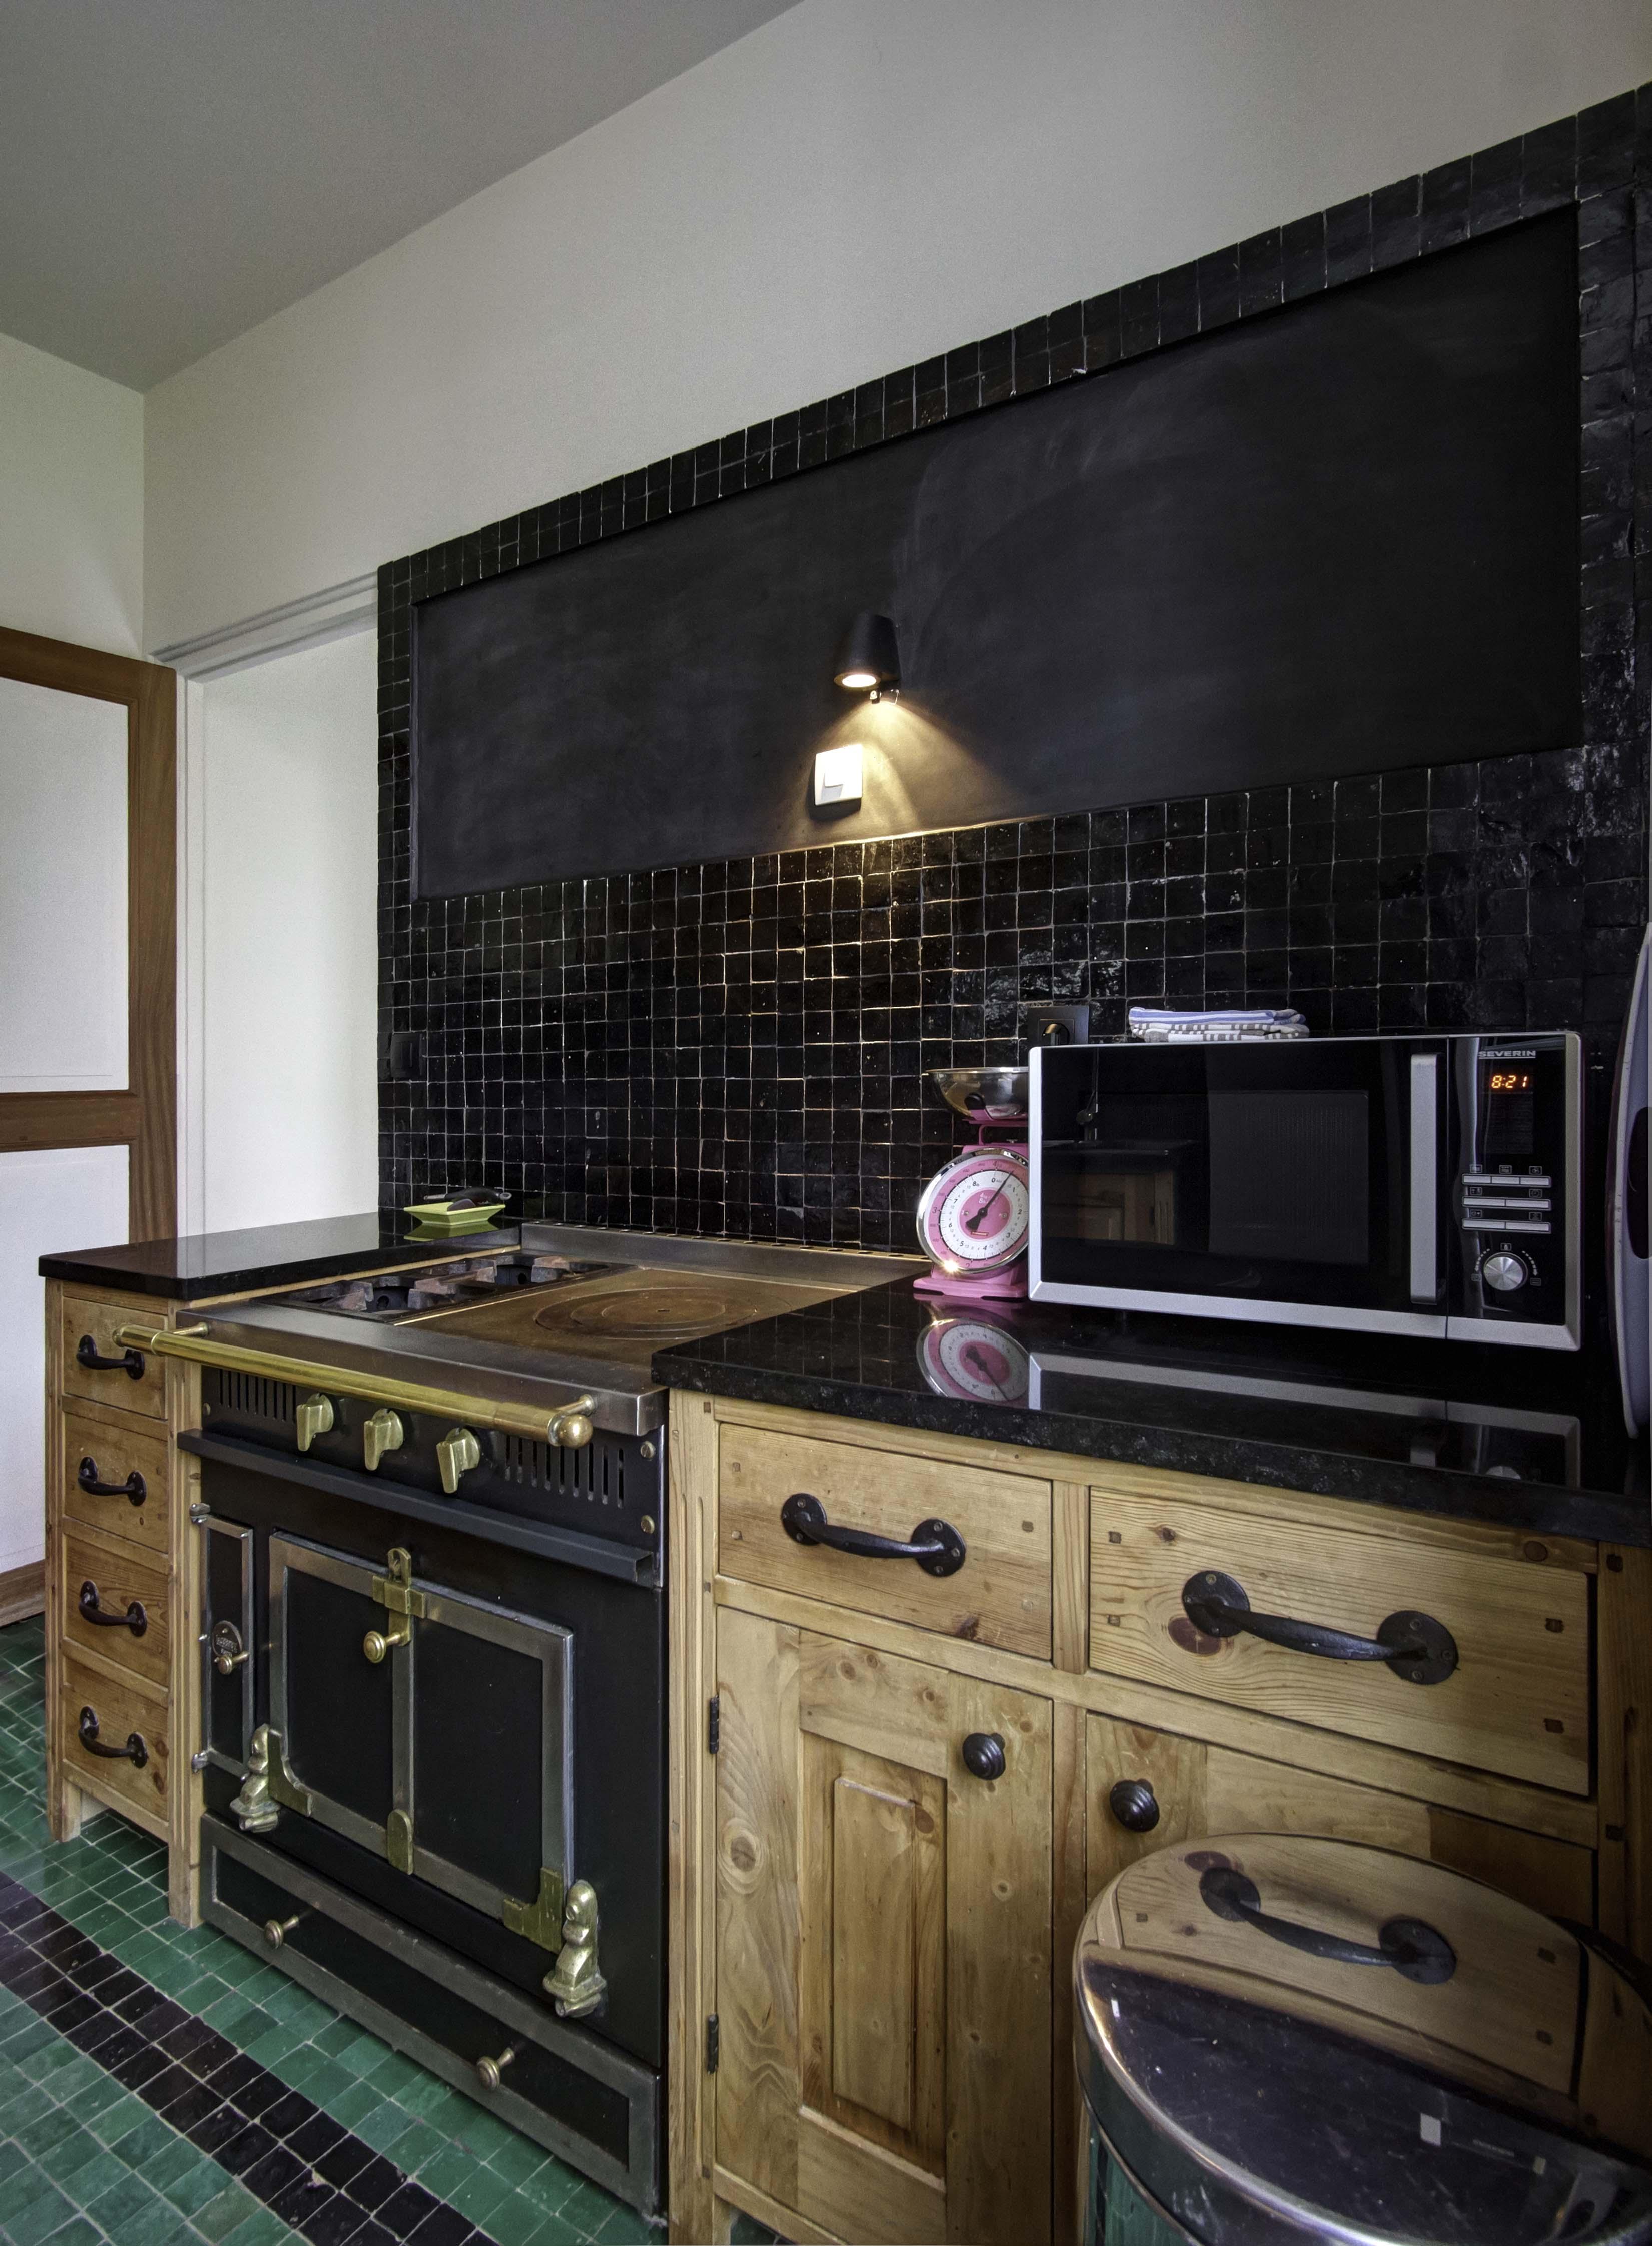 La cuisine de loccident maison de location saisonnière en baie de somme